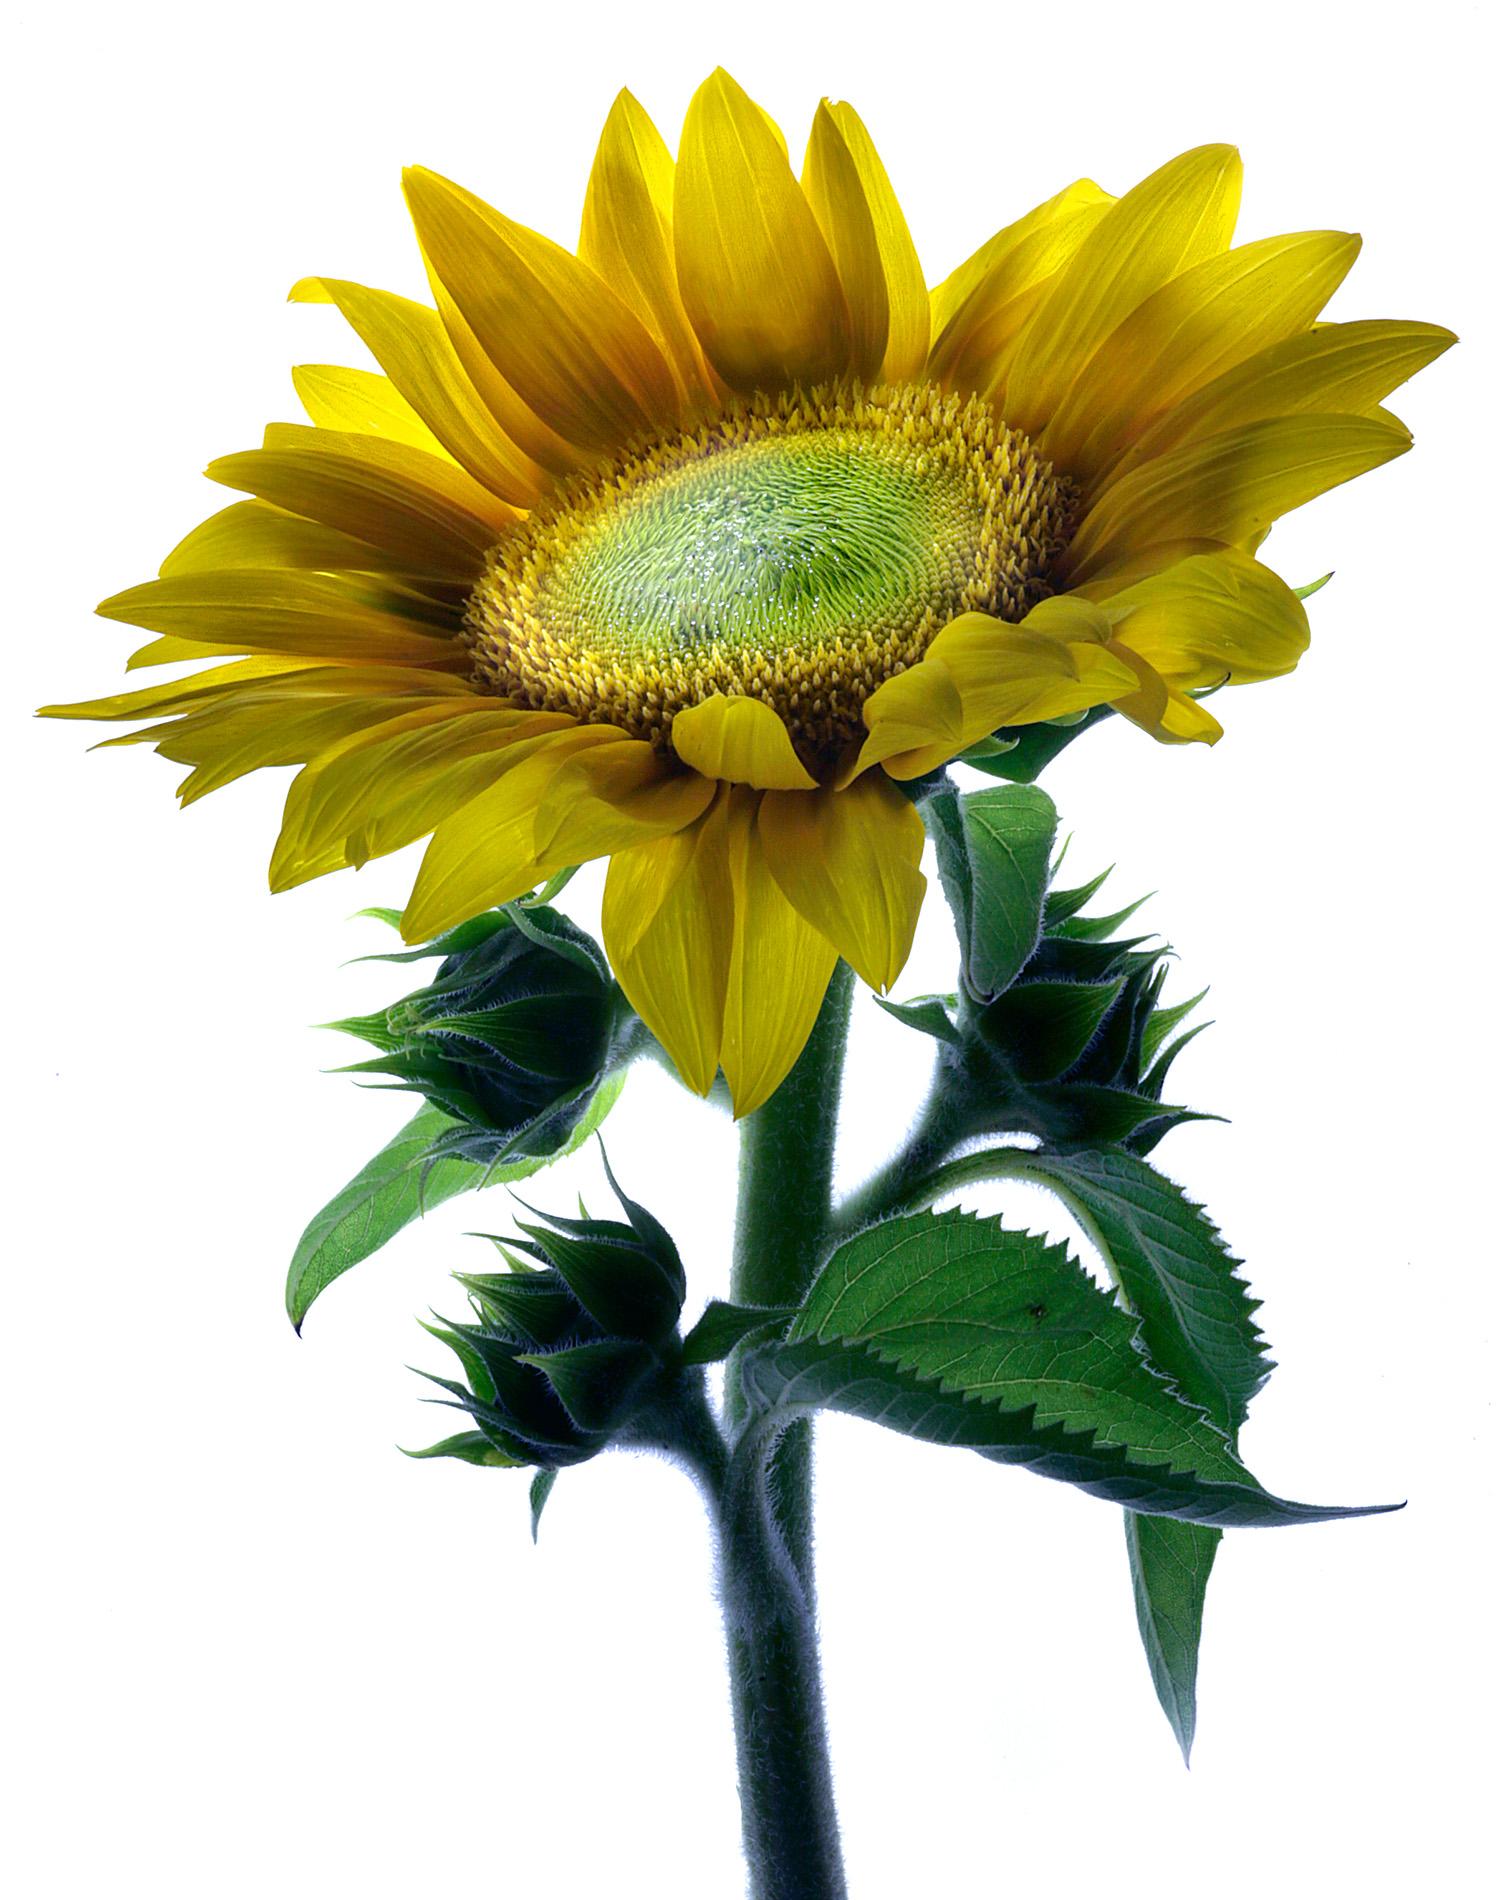 Sundflower-1900x1500x72dpi-Web.jpg